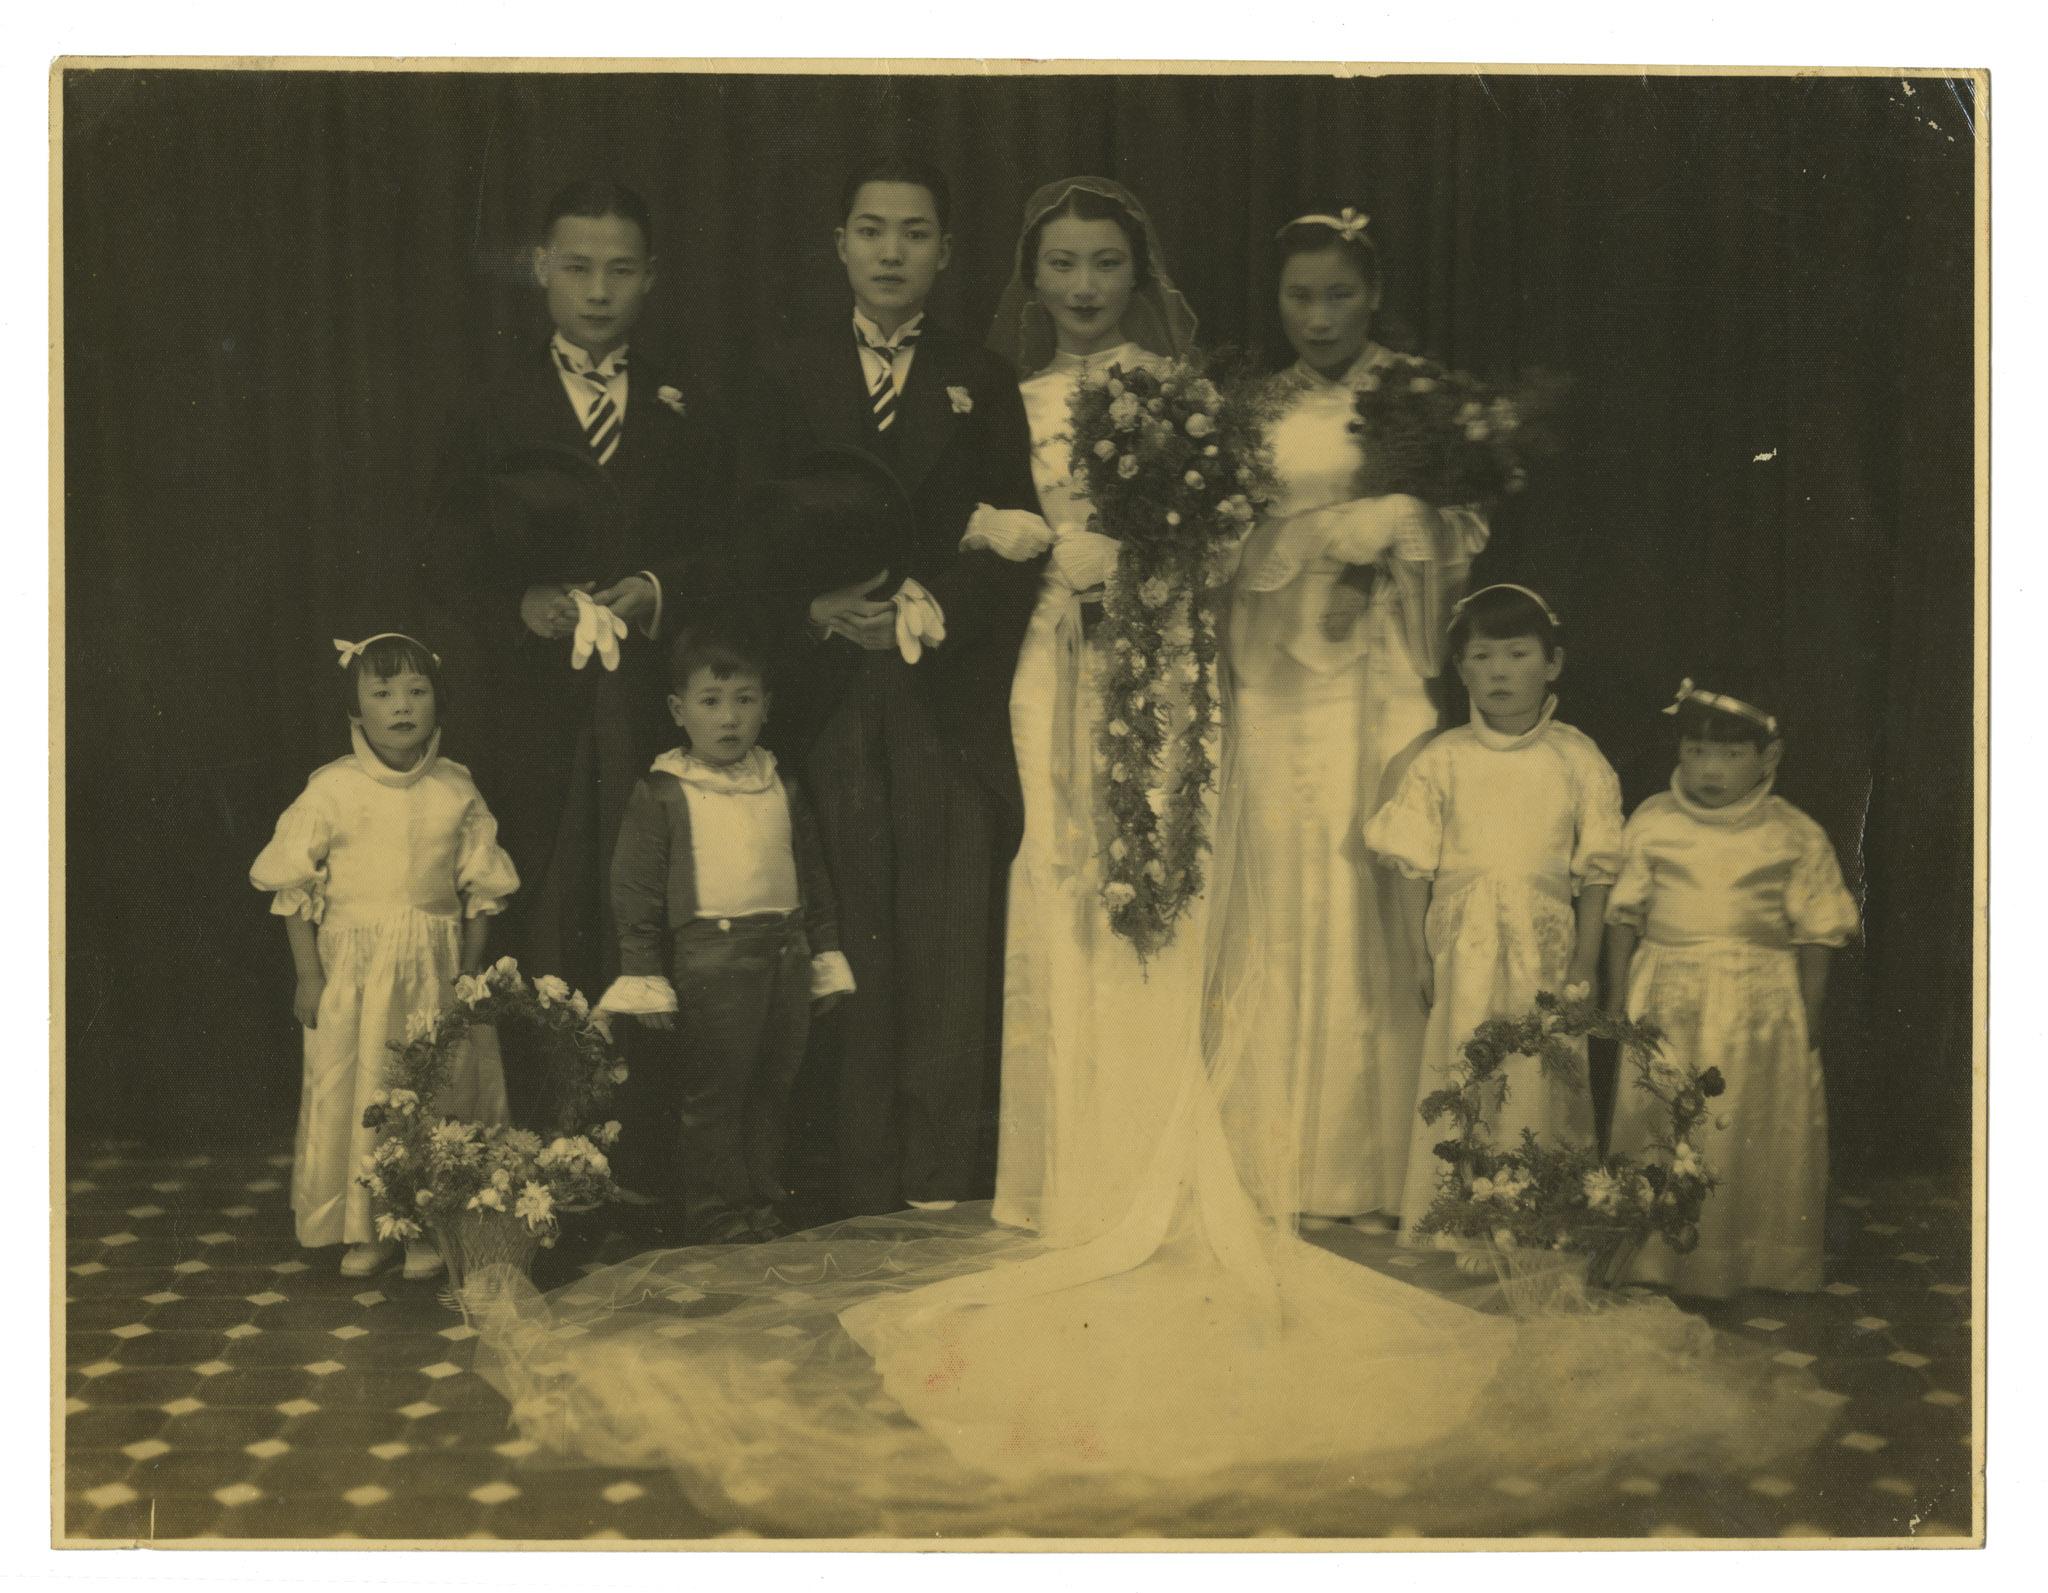 Chung Zhak and Yun Nan wedding photo: Kurt Tong Archive